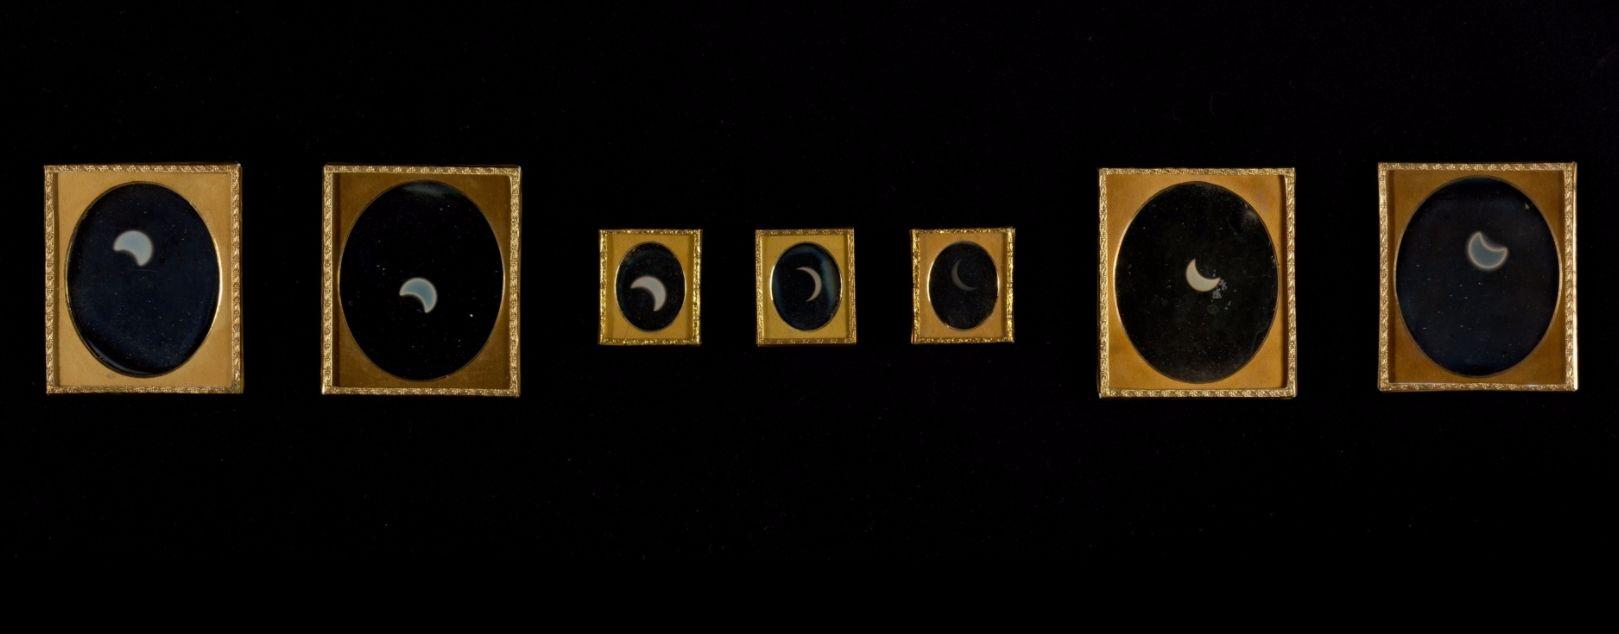 Foto's die de broers Langenheim van de zonsverduistering maakten (Metropolitan Museum of Art)